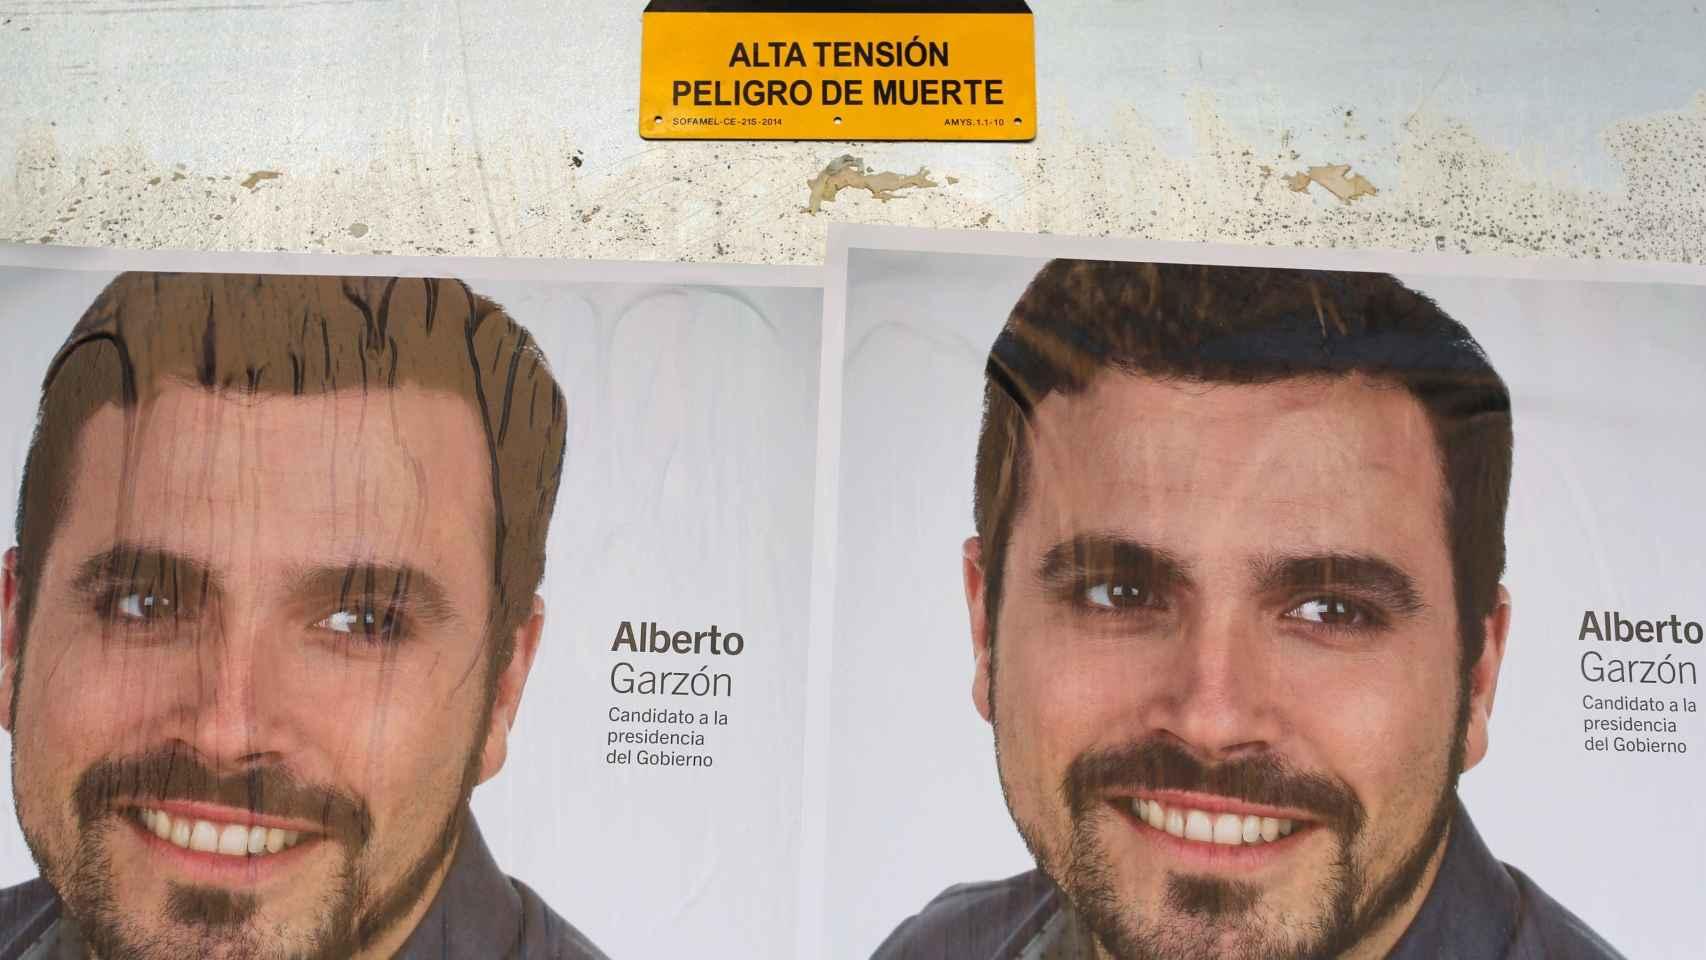 Los carteles de Alberto Garzón junto a una señal premonitoria.